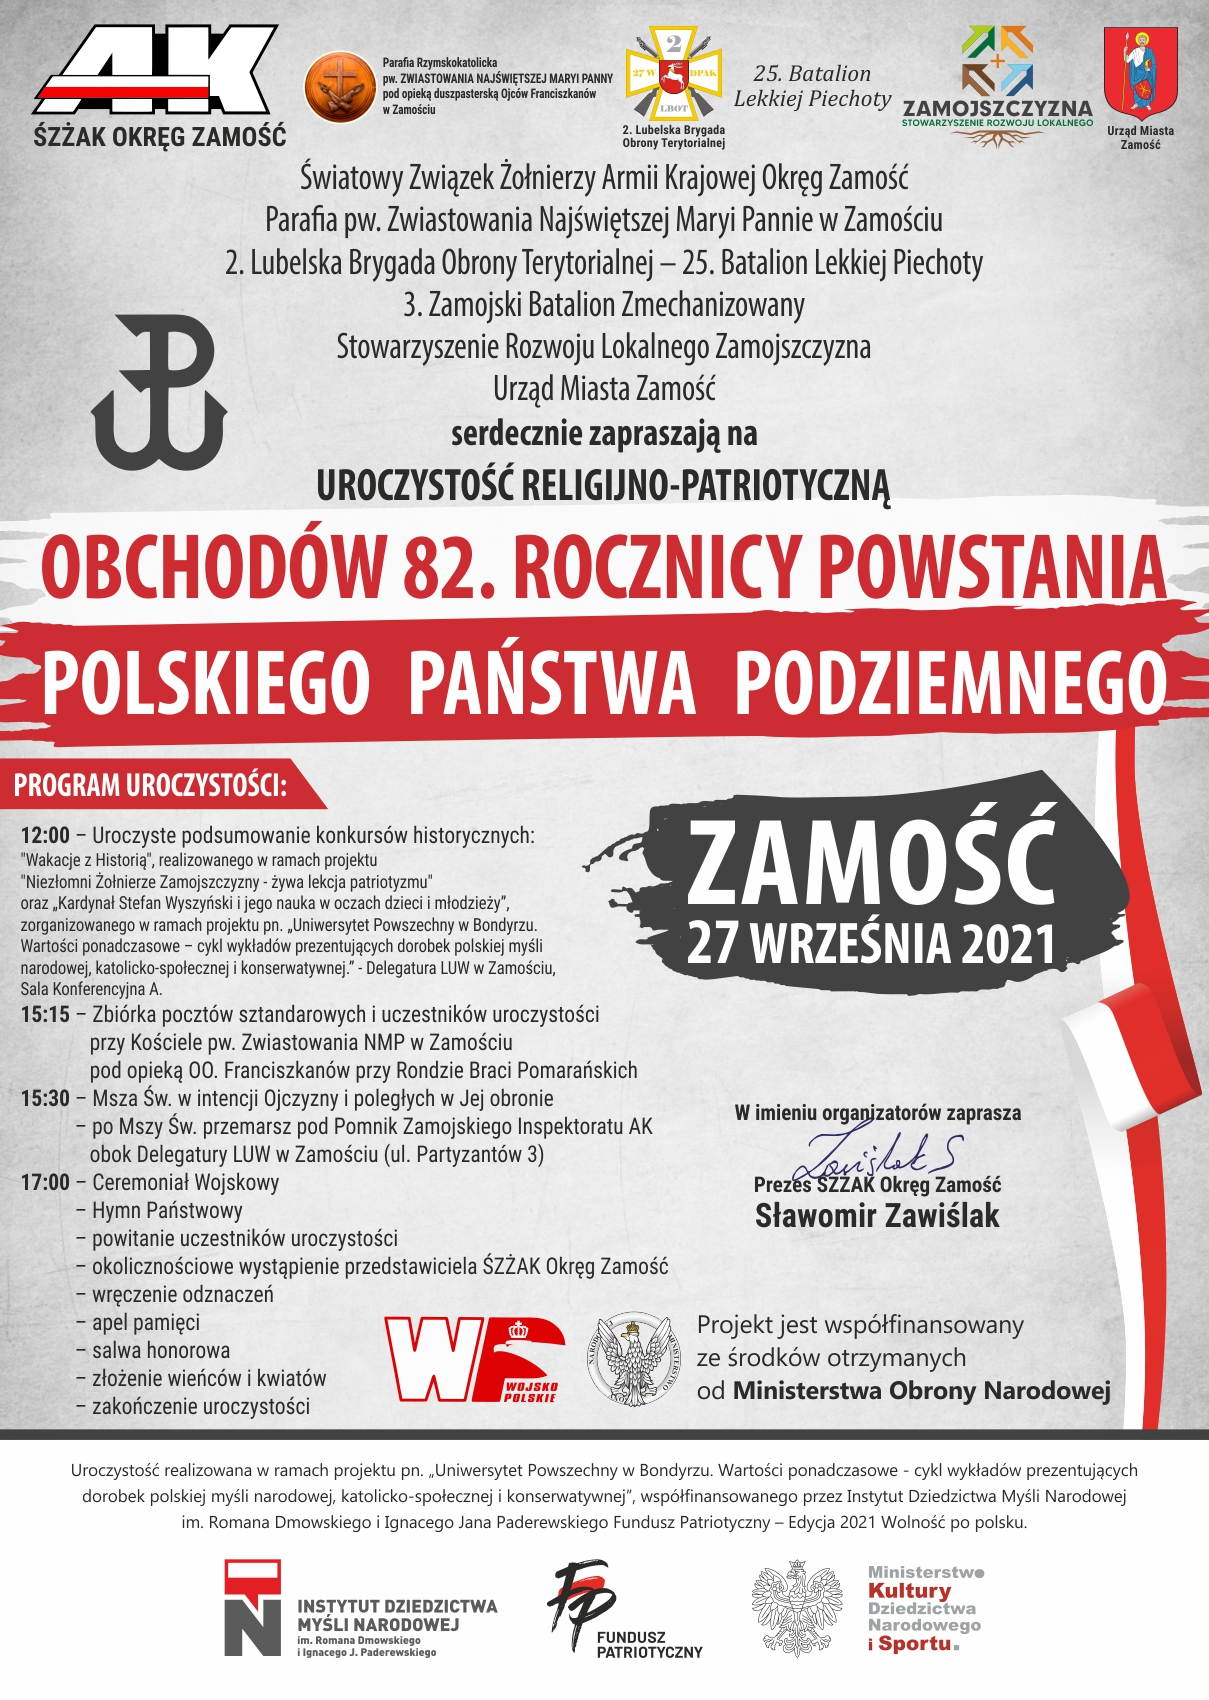 swieto panstwa podziemnego 2021 5 82. rocznica powstania Polskiego Państwa Podziemnego [PROGRAM]